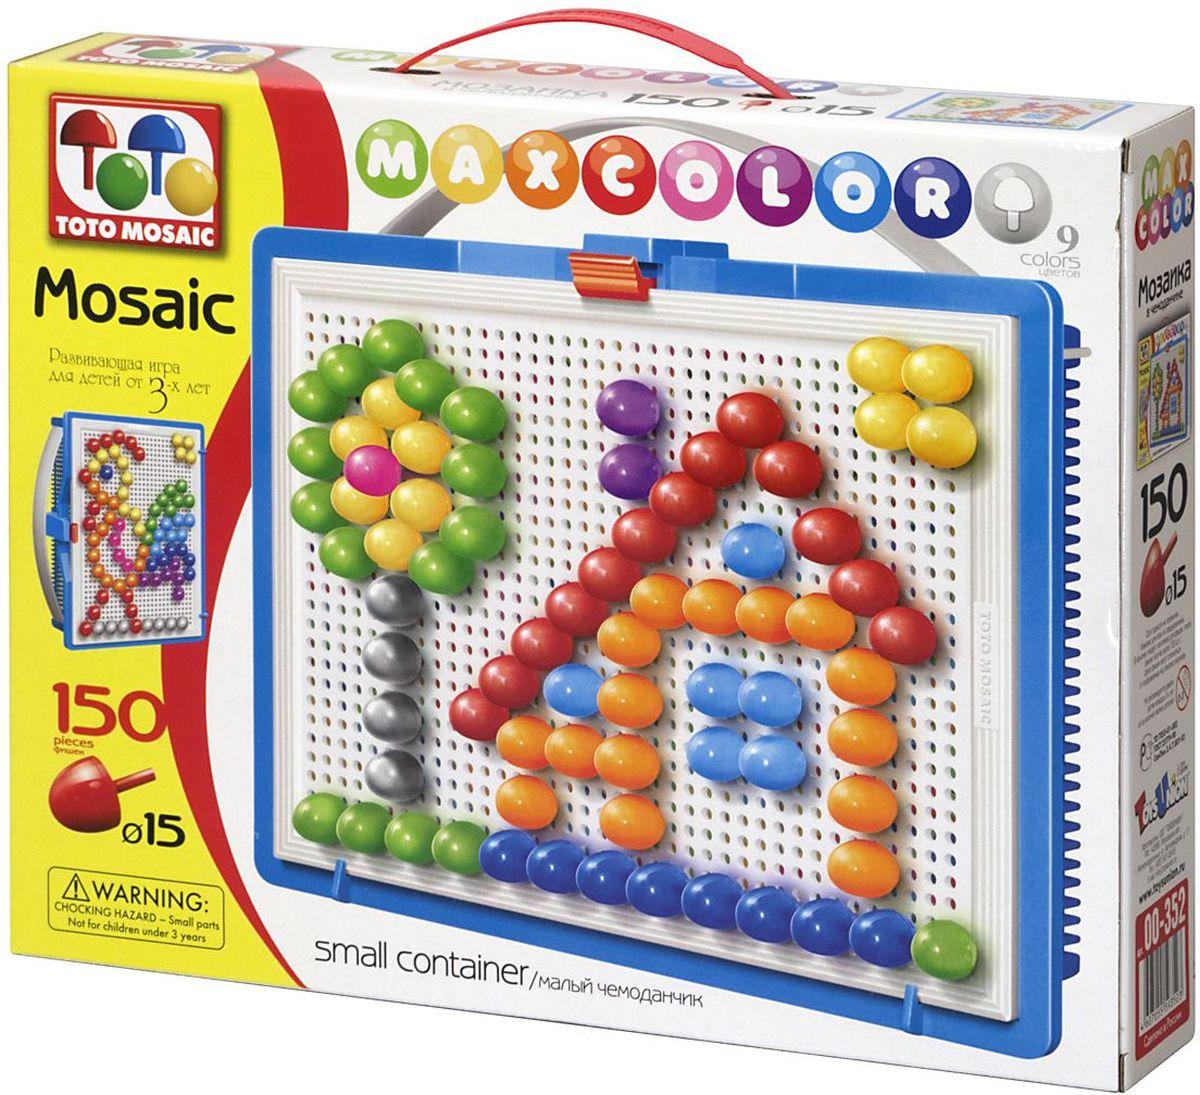 Toto Mosaic Мозаика Лесная избушка00-352Мозаика «MAXCOLOR» Smal container – яркая, увлекательная, развивающая игра для детей от 3-х лет и старше. Она способствует развитию творческих способностей ребенка, его воображения, внимания, усидчивости, умению доводить начатое дело до конца, а так же координации и моторики движения рук. Все эти качества делают мозаику незаменимым пособием для успешной подготовки ребят 3-5 лет к началу обучения в школе. Комплектация «MAXCOLOR» ФИШКИ Игра комплектуется фишками различного размера (o 20, o 15, o 10, o 5) округлой формы, которые удобно и приятно держать в руках, поэтому с ними справится даже самый крохотный малыш. Фишки o 20 рассчитаны на самых маленьких игроков. Так же, в этой серии имеются наборы, комплектуемые треугольными и квадратными фишками. Они рассчитаны на детей постарше. ПЛАТА Все фишки легко крепятся и легко снимаются с игрового поля – платы, которая позволяет малышу не ограничивать свои движения при складывании мозаики. Её оригинальная конструкция...